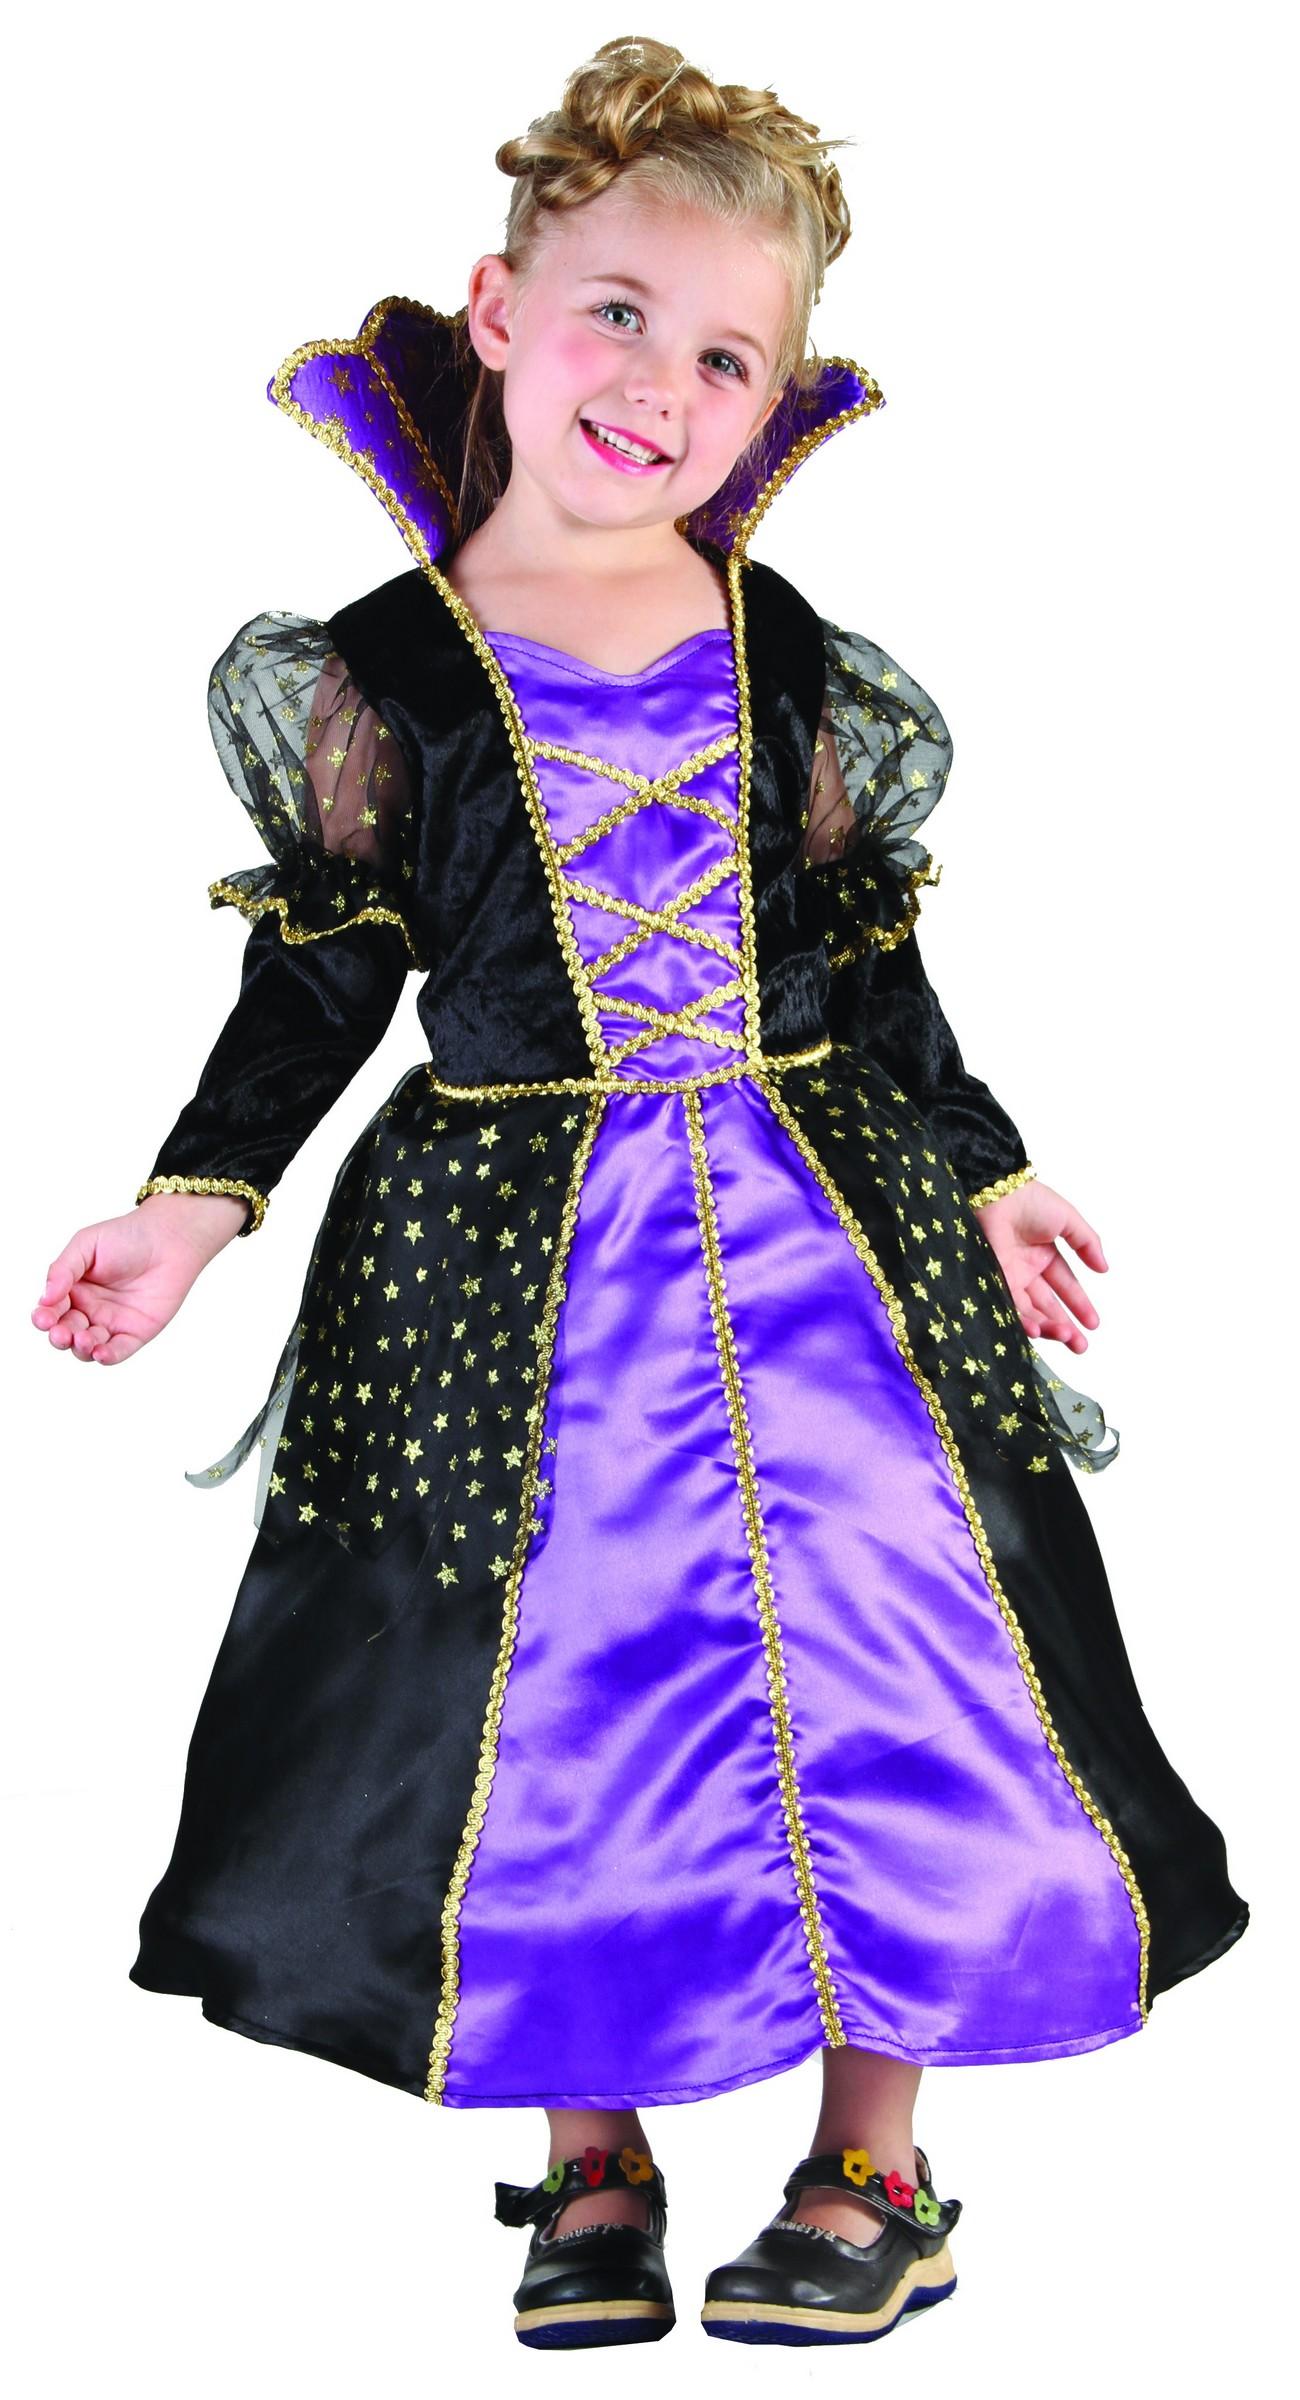 D guisement princesse magicienne fille deguise toi achat de d guisements enfants - Deguisement fille princesse ...